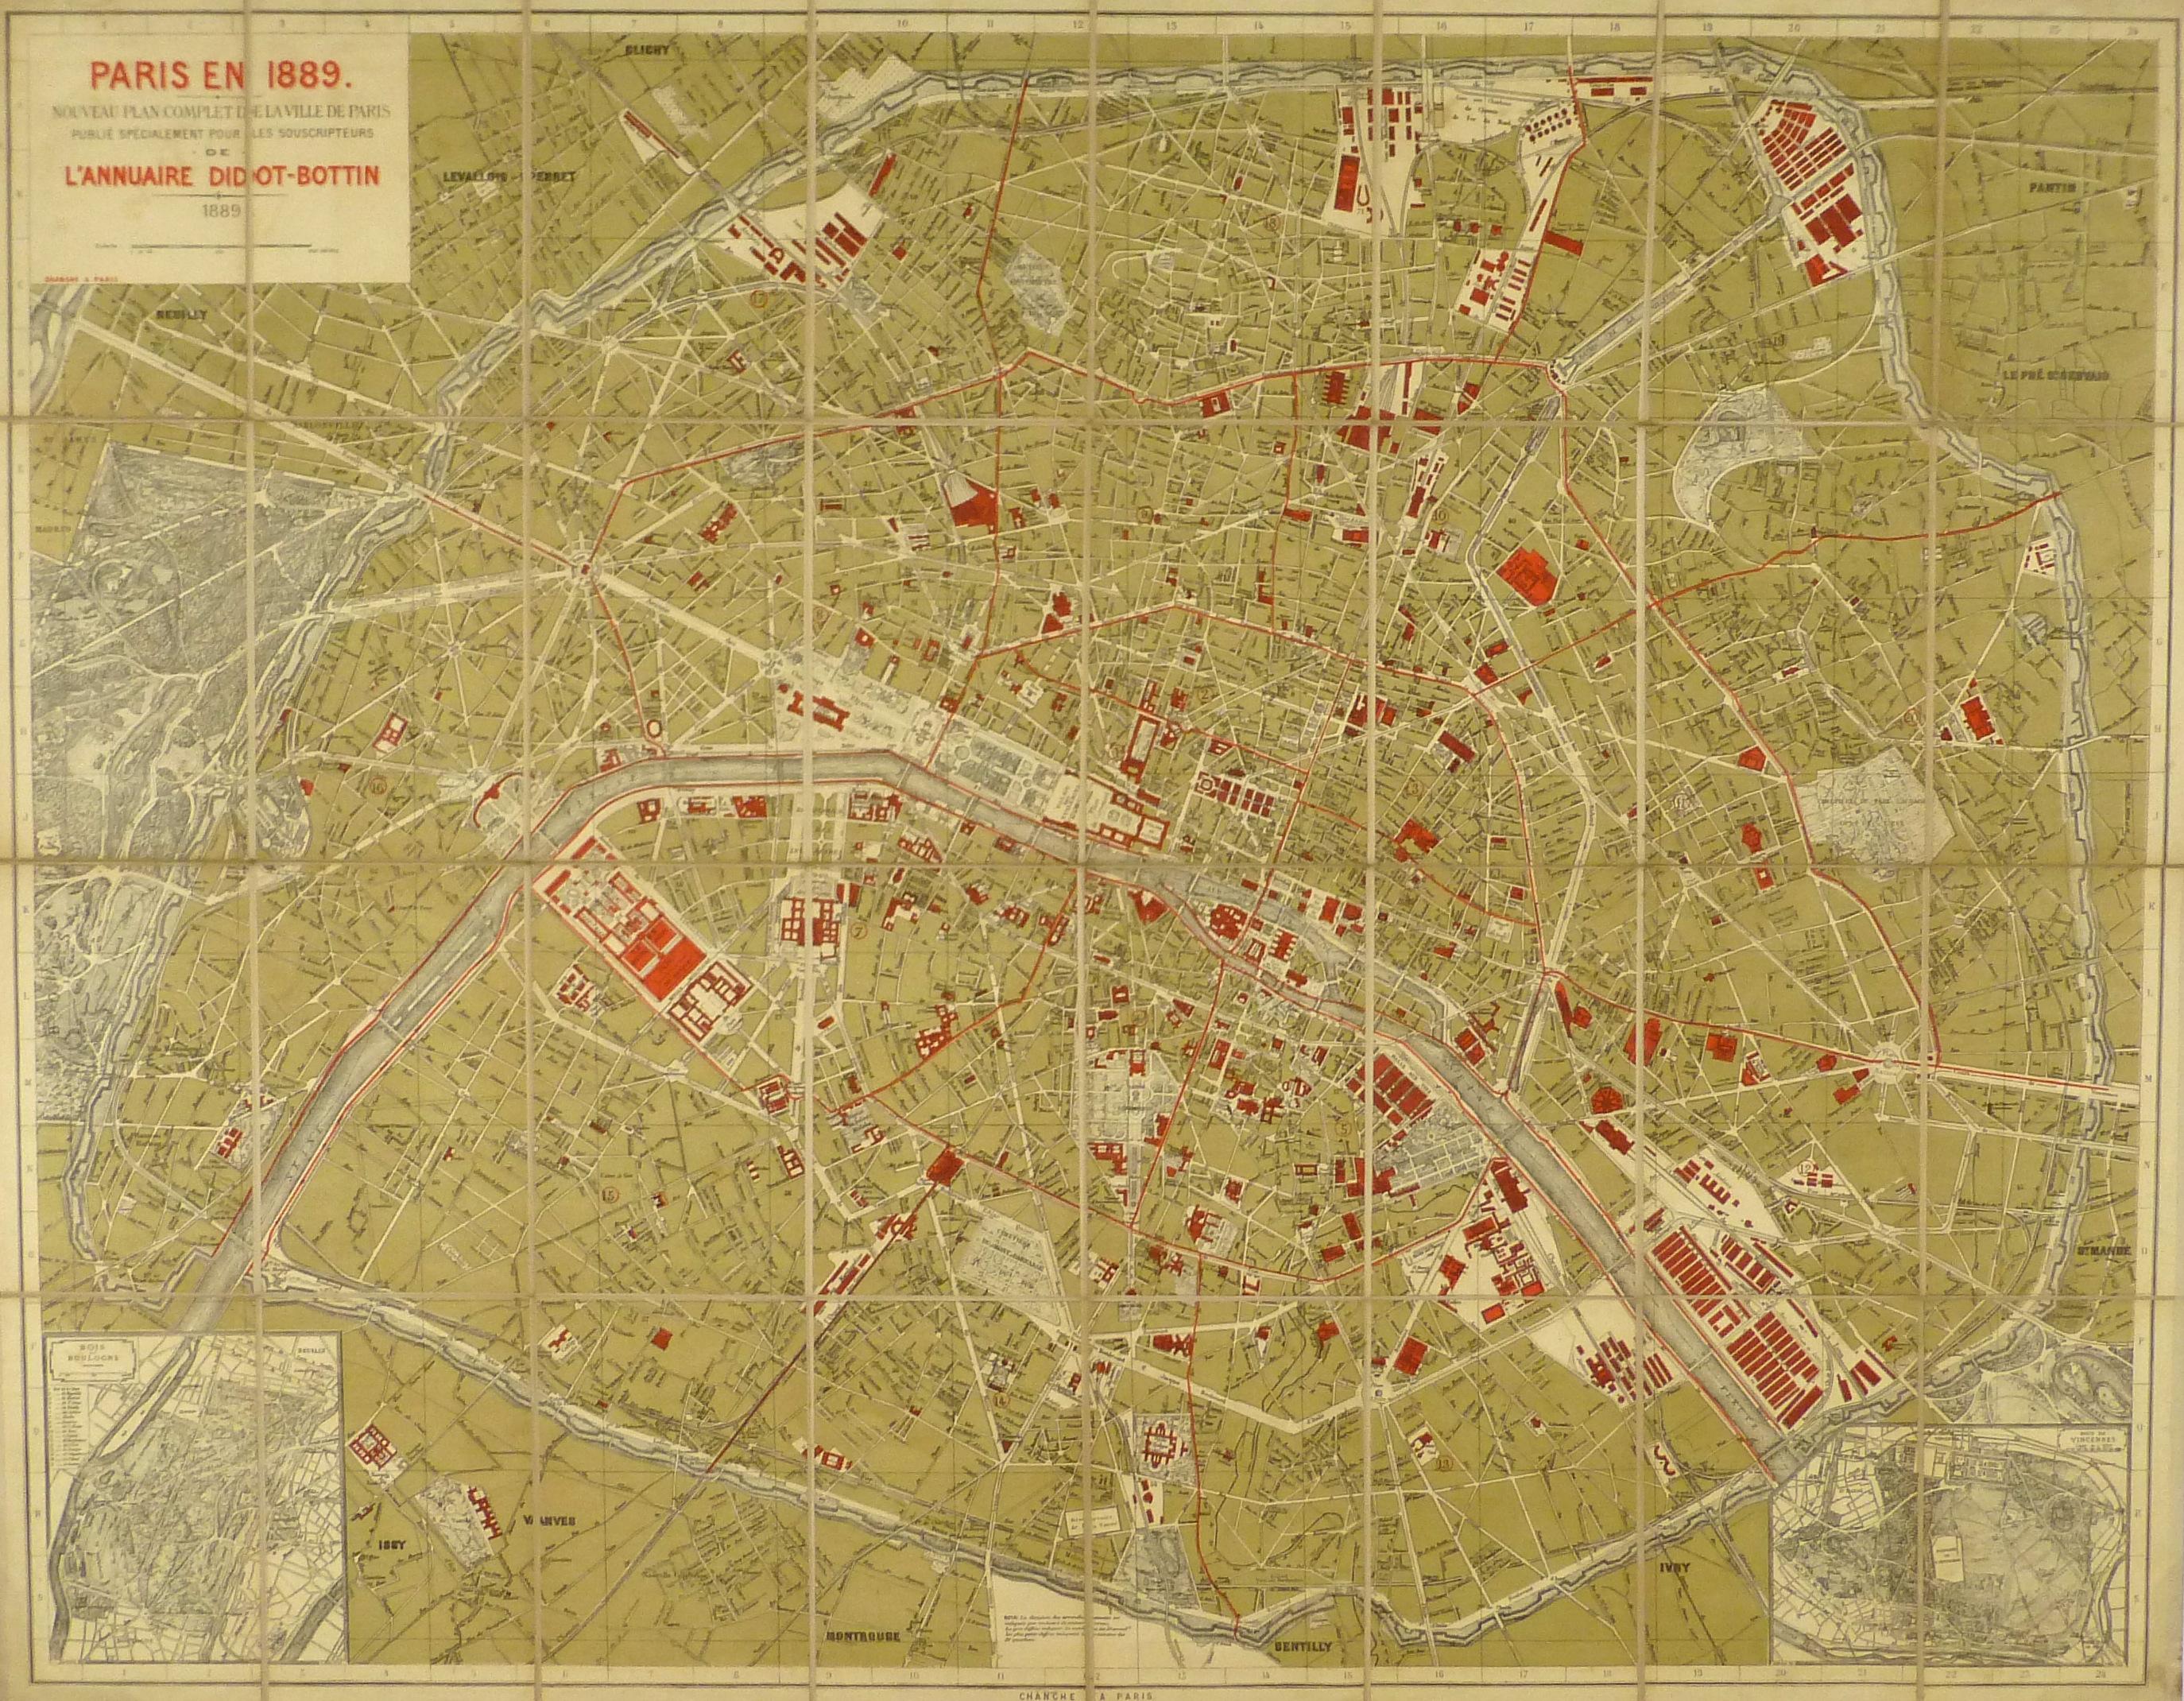 Paris World Fair Map, 1889 - Original Art, Antique Maps & Prints